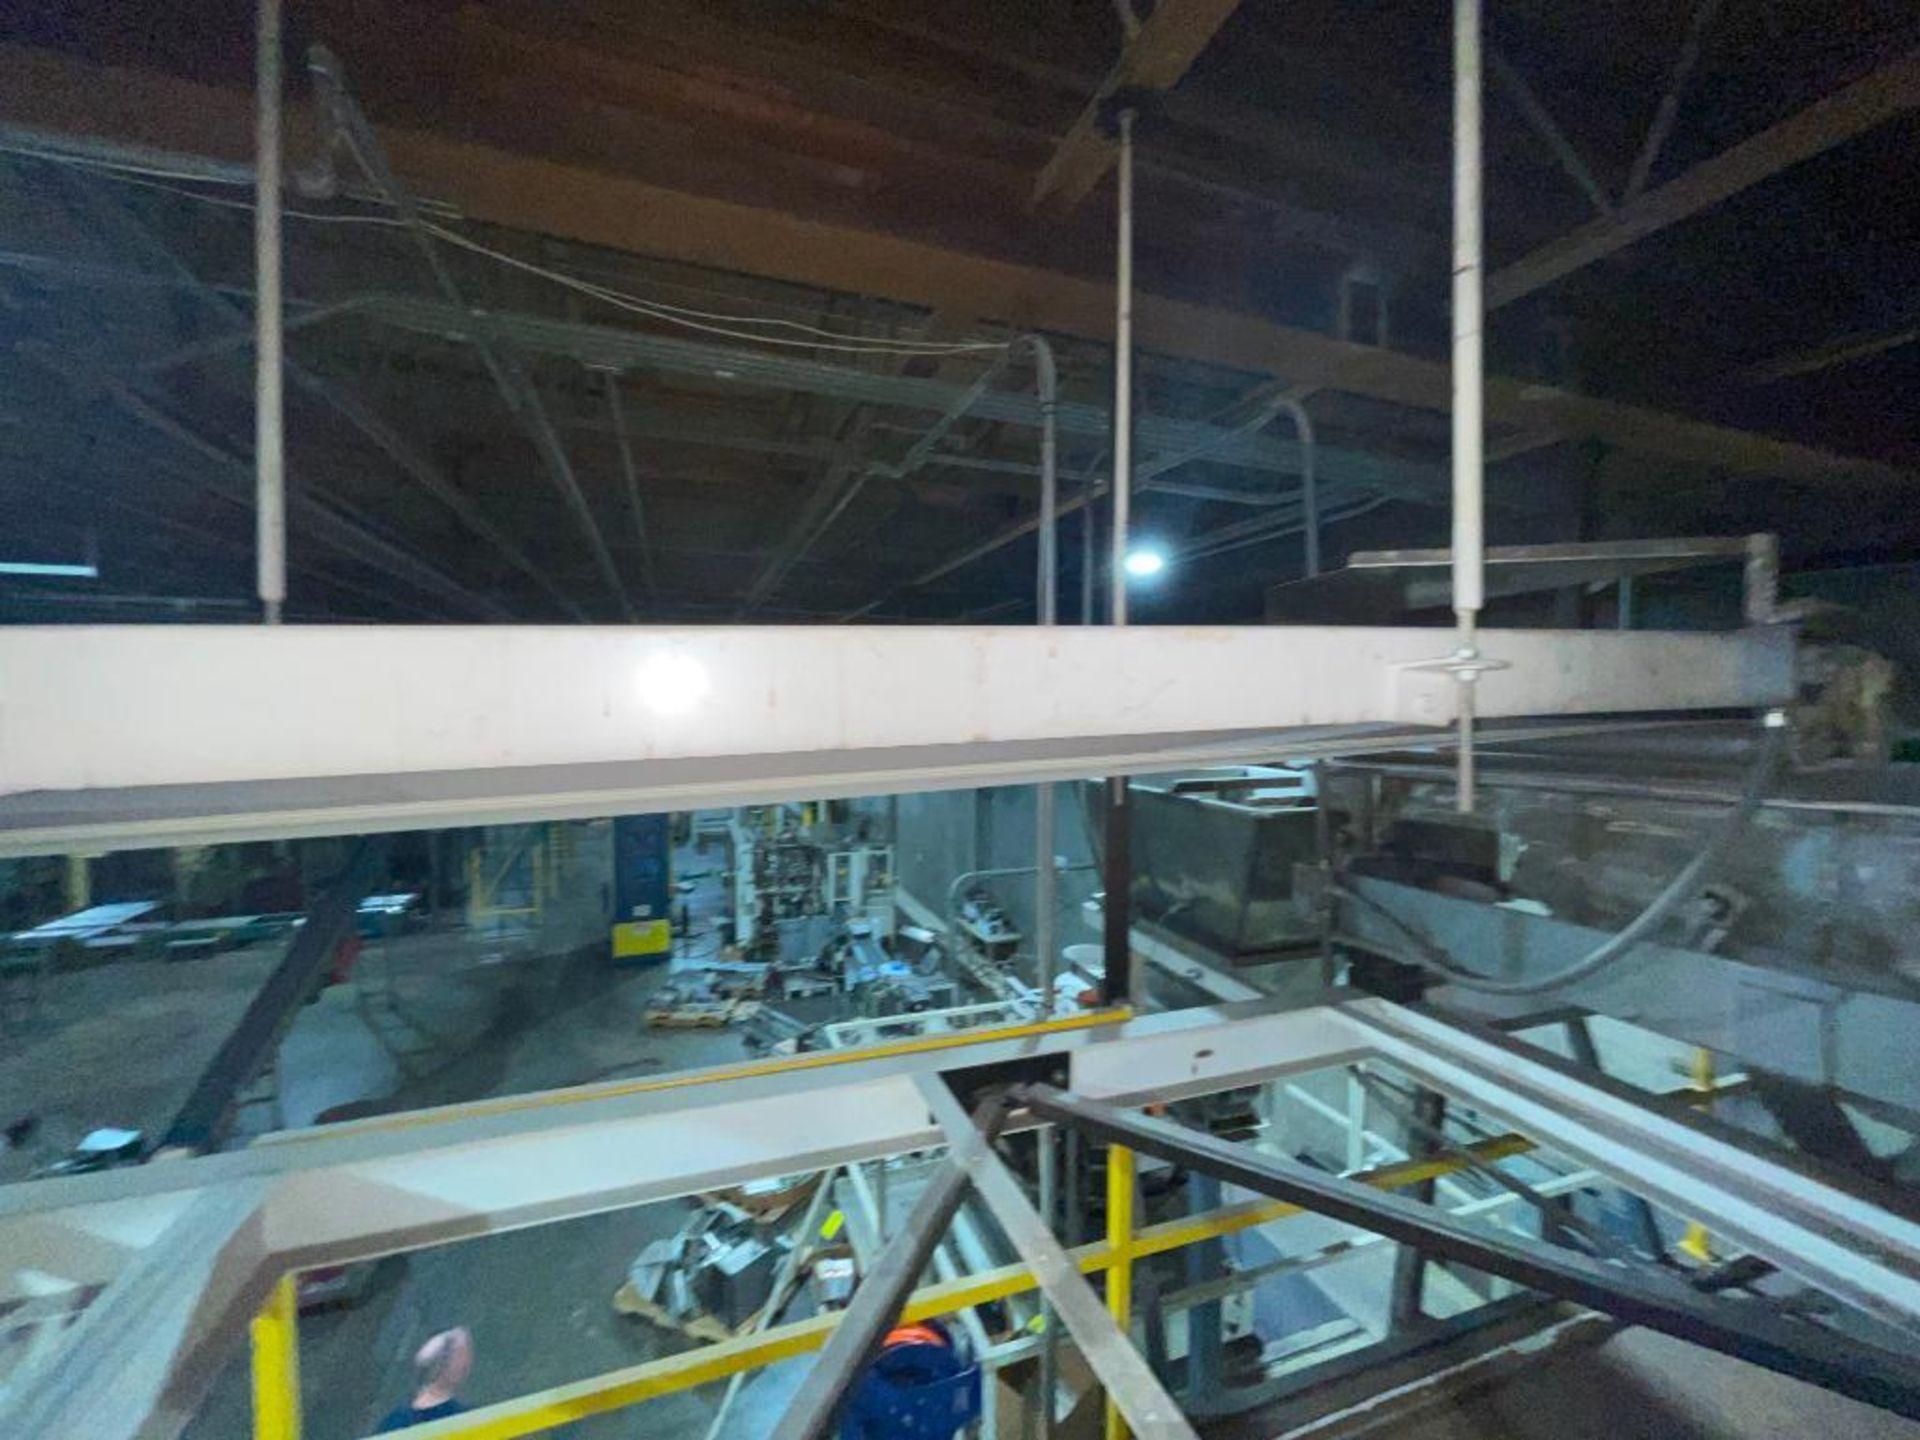 mild steel overhead belt conveyor - Image 7 of 10